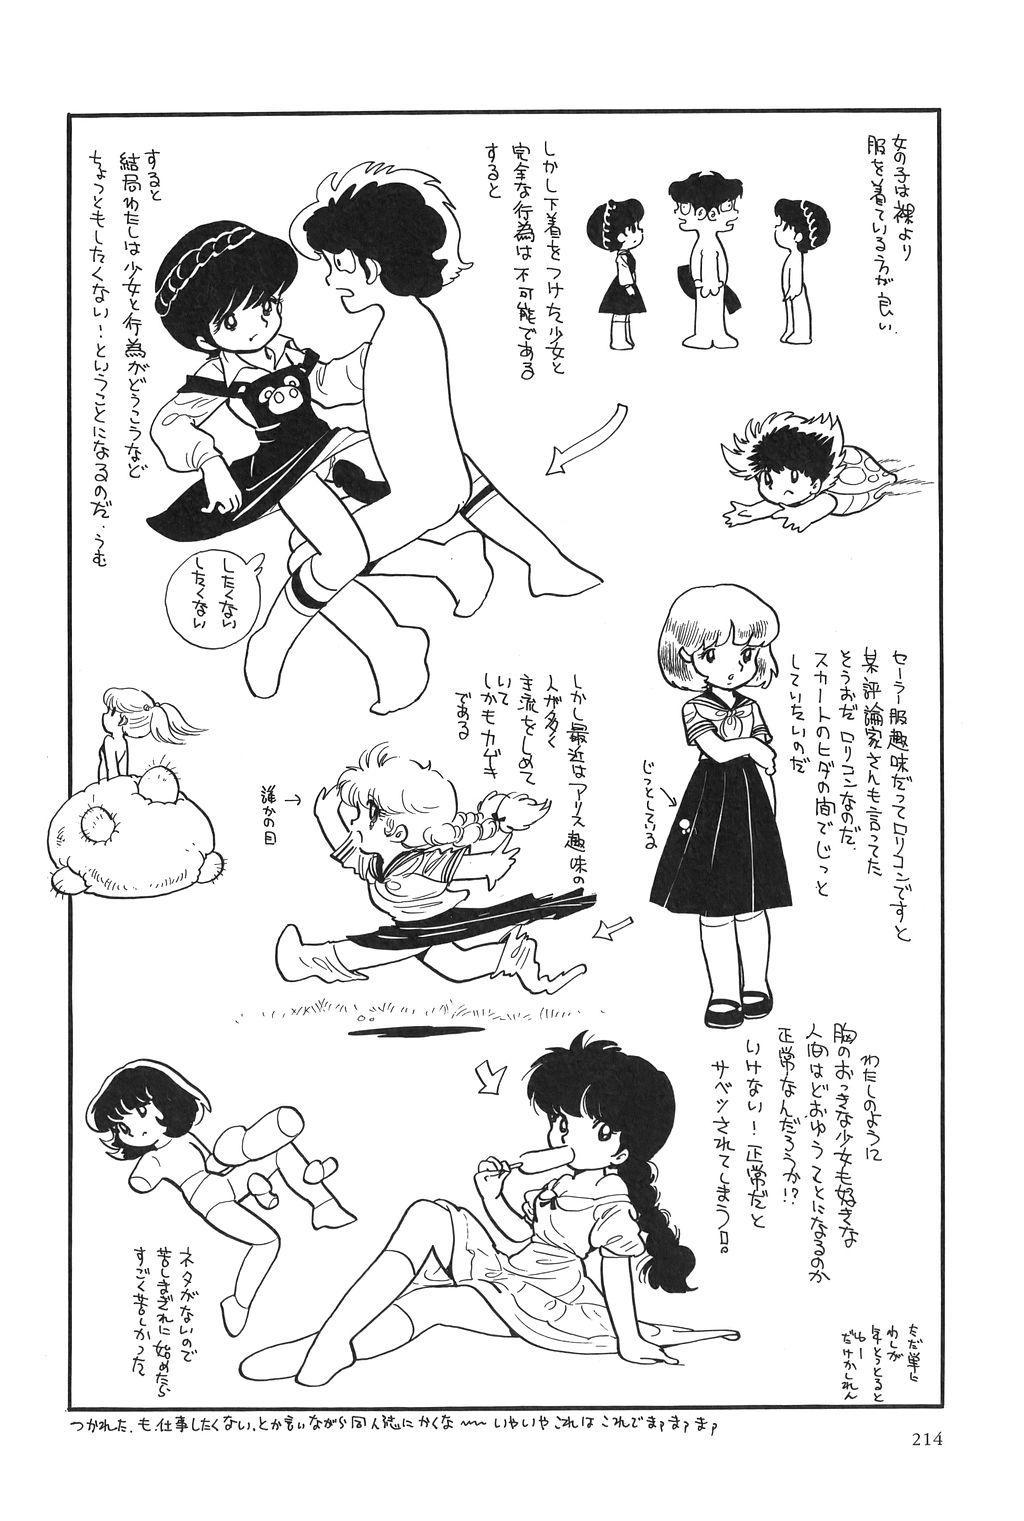 Azuma Hideo Sakuhin Shuusei - Yoru no Tobari no Naka de 216